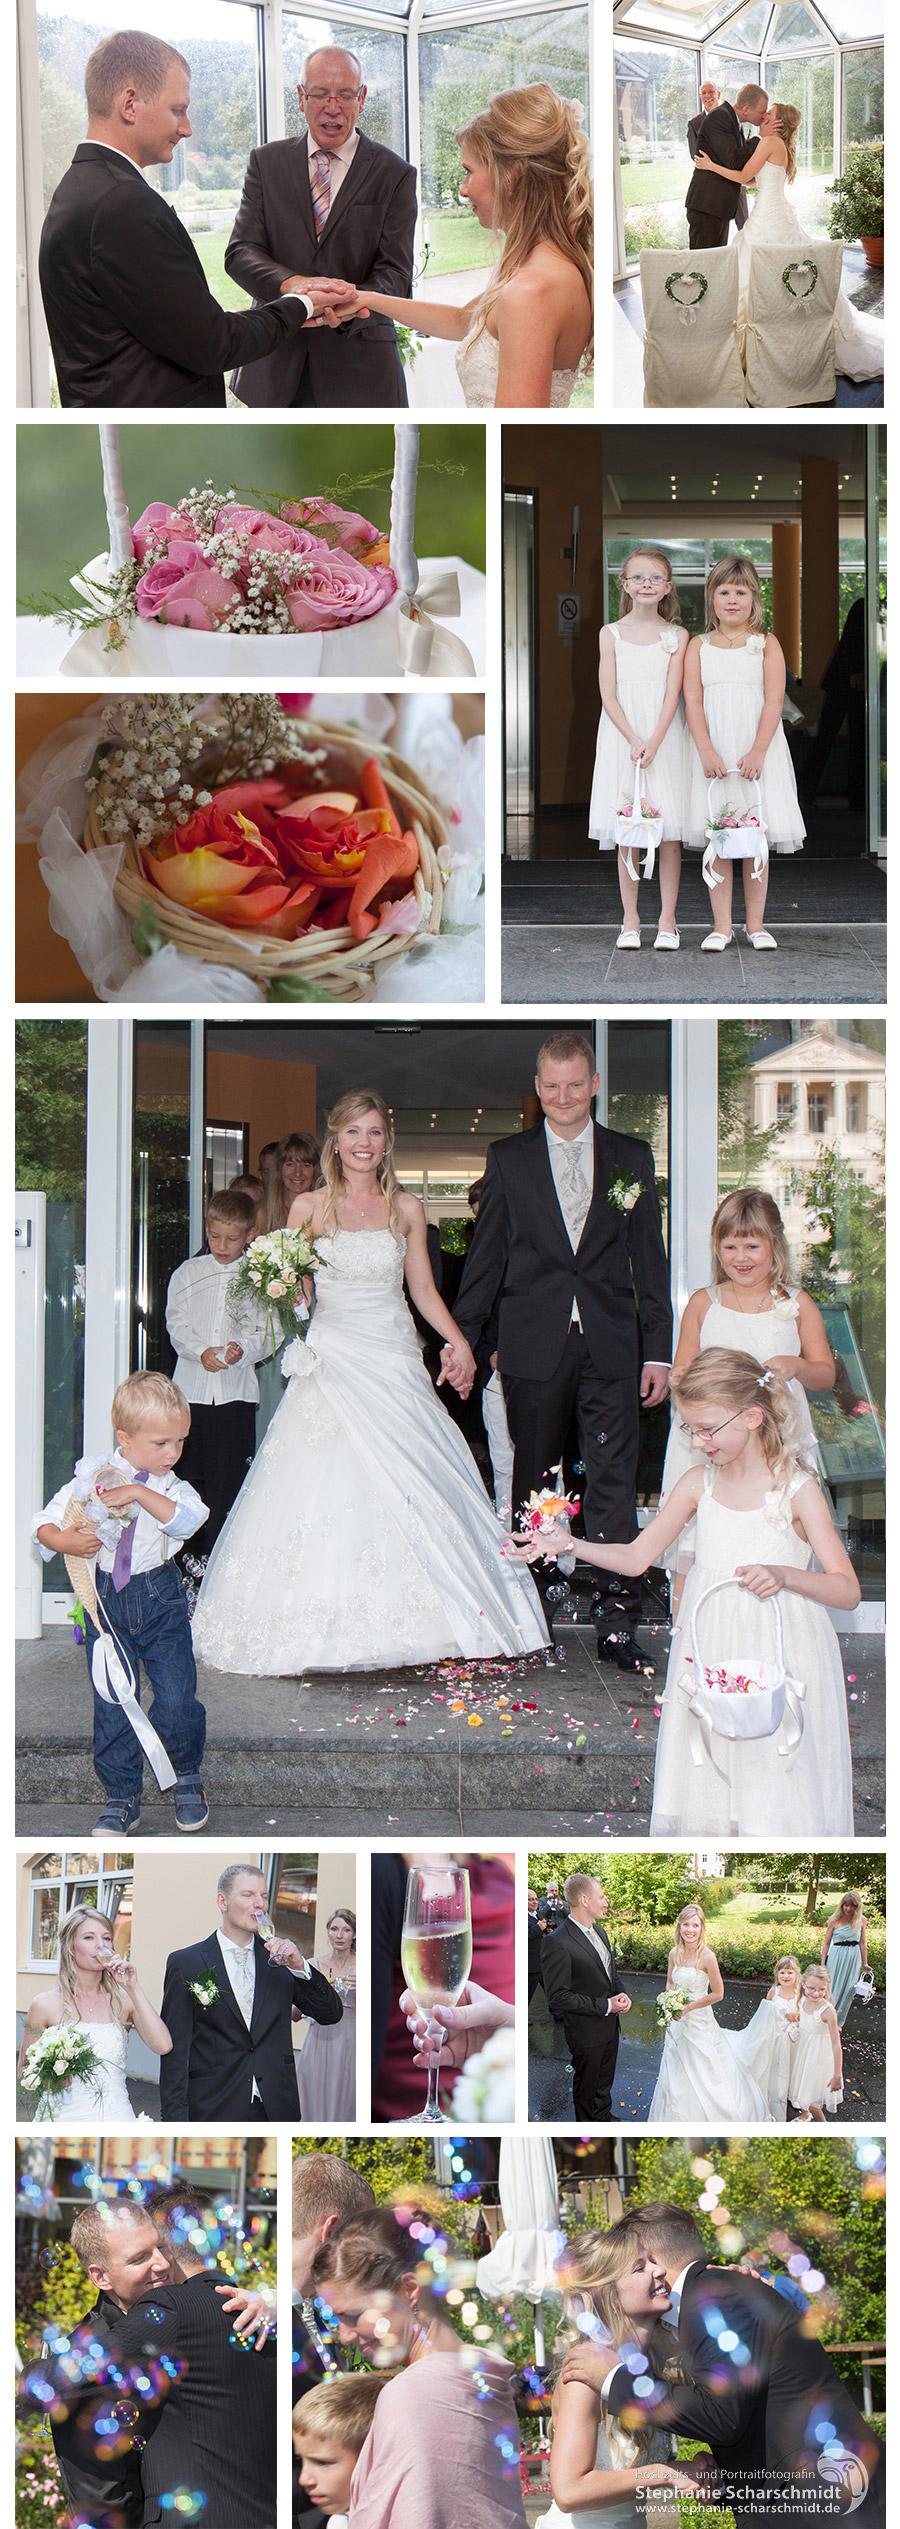 6_Hochzeitsfeier-im-Parkhotel-Bad-Schandau_der-richtige-hochzeitsfotograf-für-ihre-Hochzeit-in-Sachsen_Hochzeitsfotografin-Stephanie-Scharschmidt_2